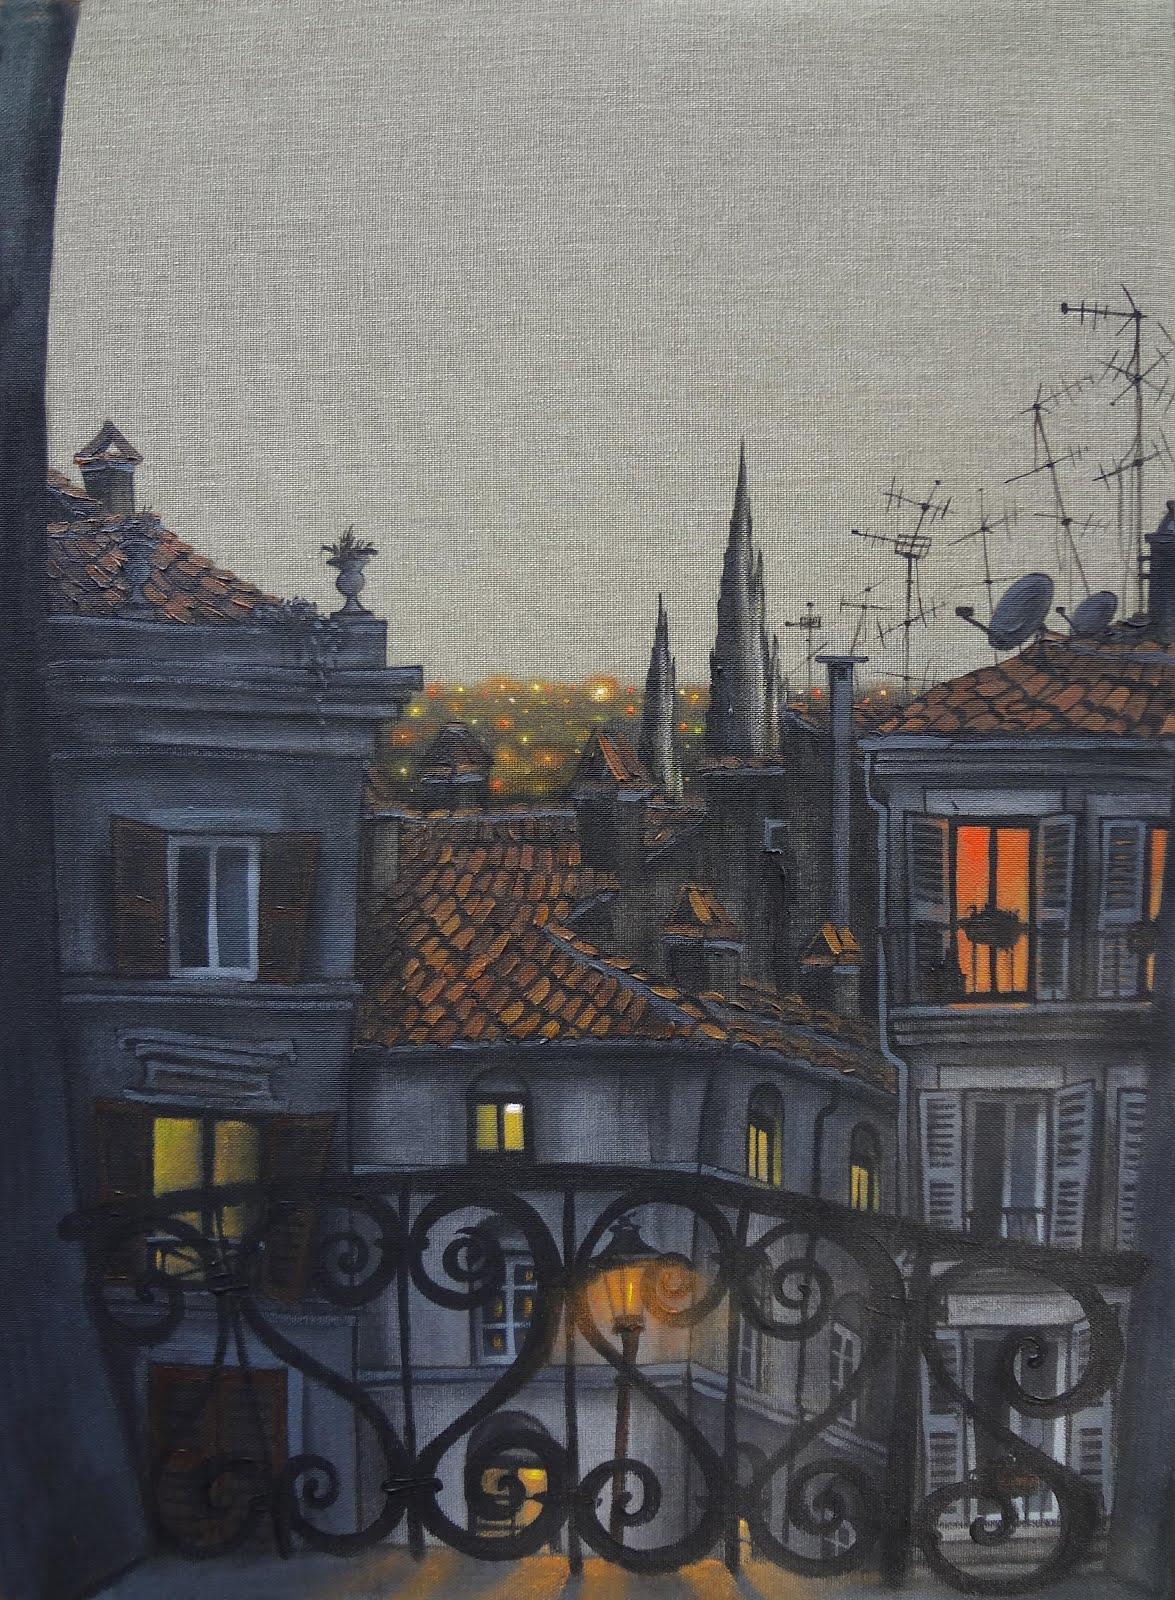 A balcony in Rome